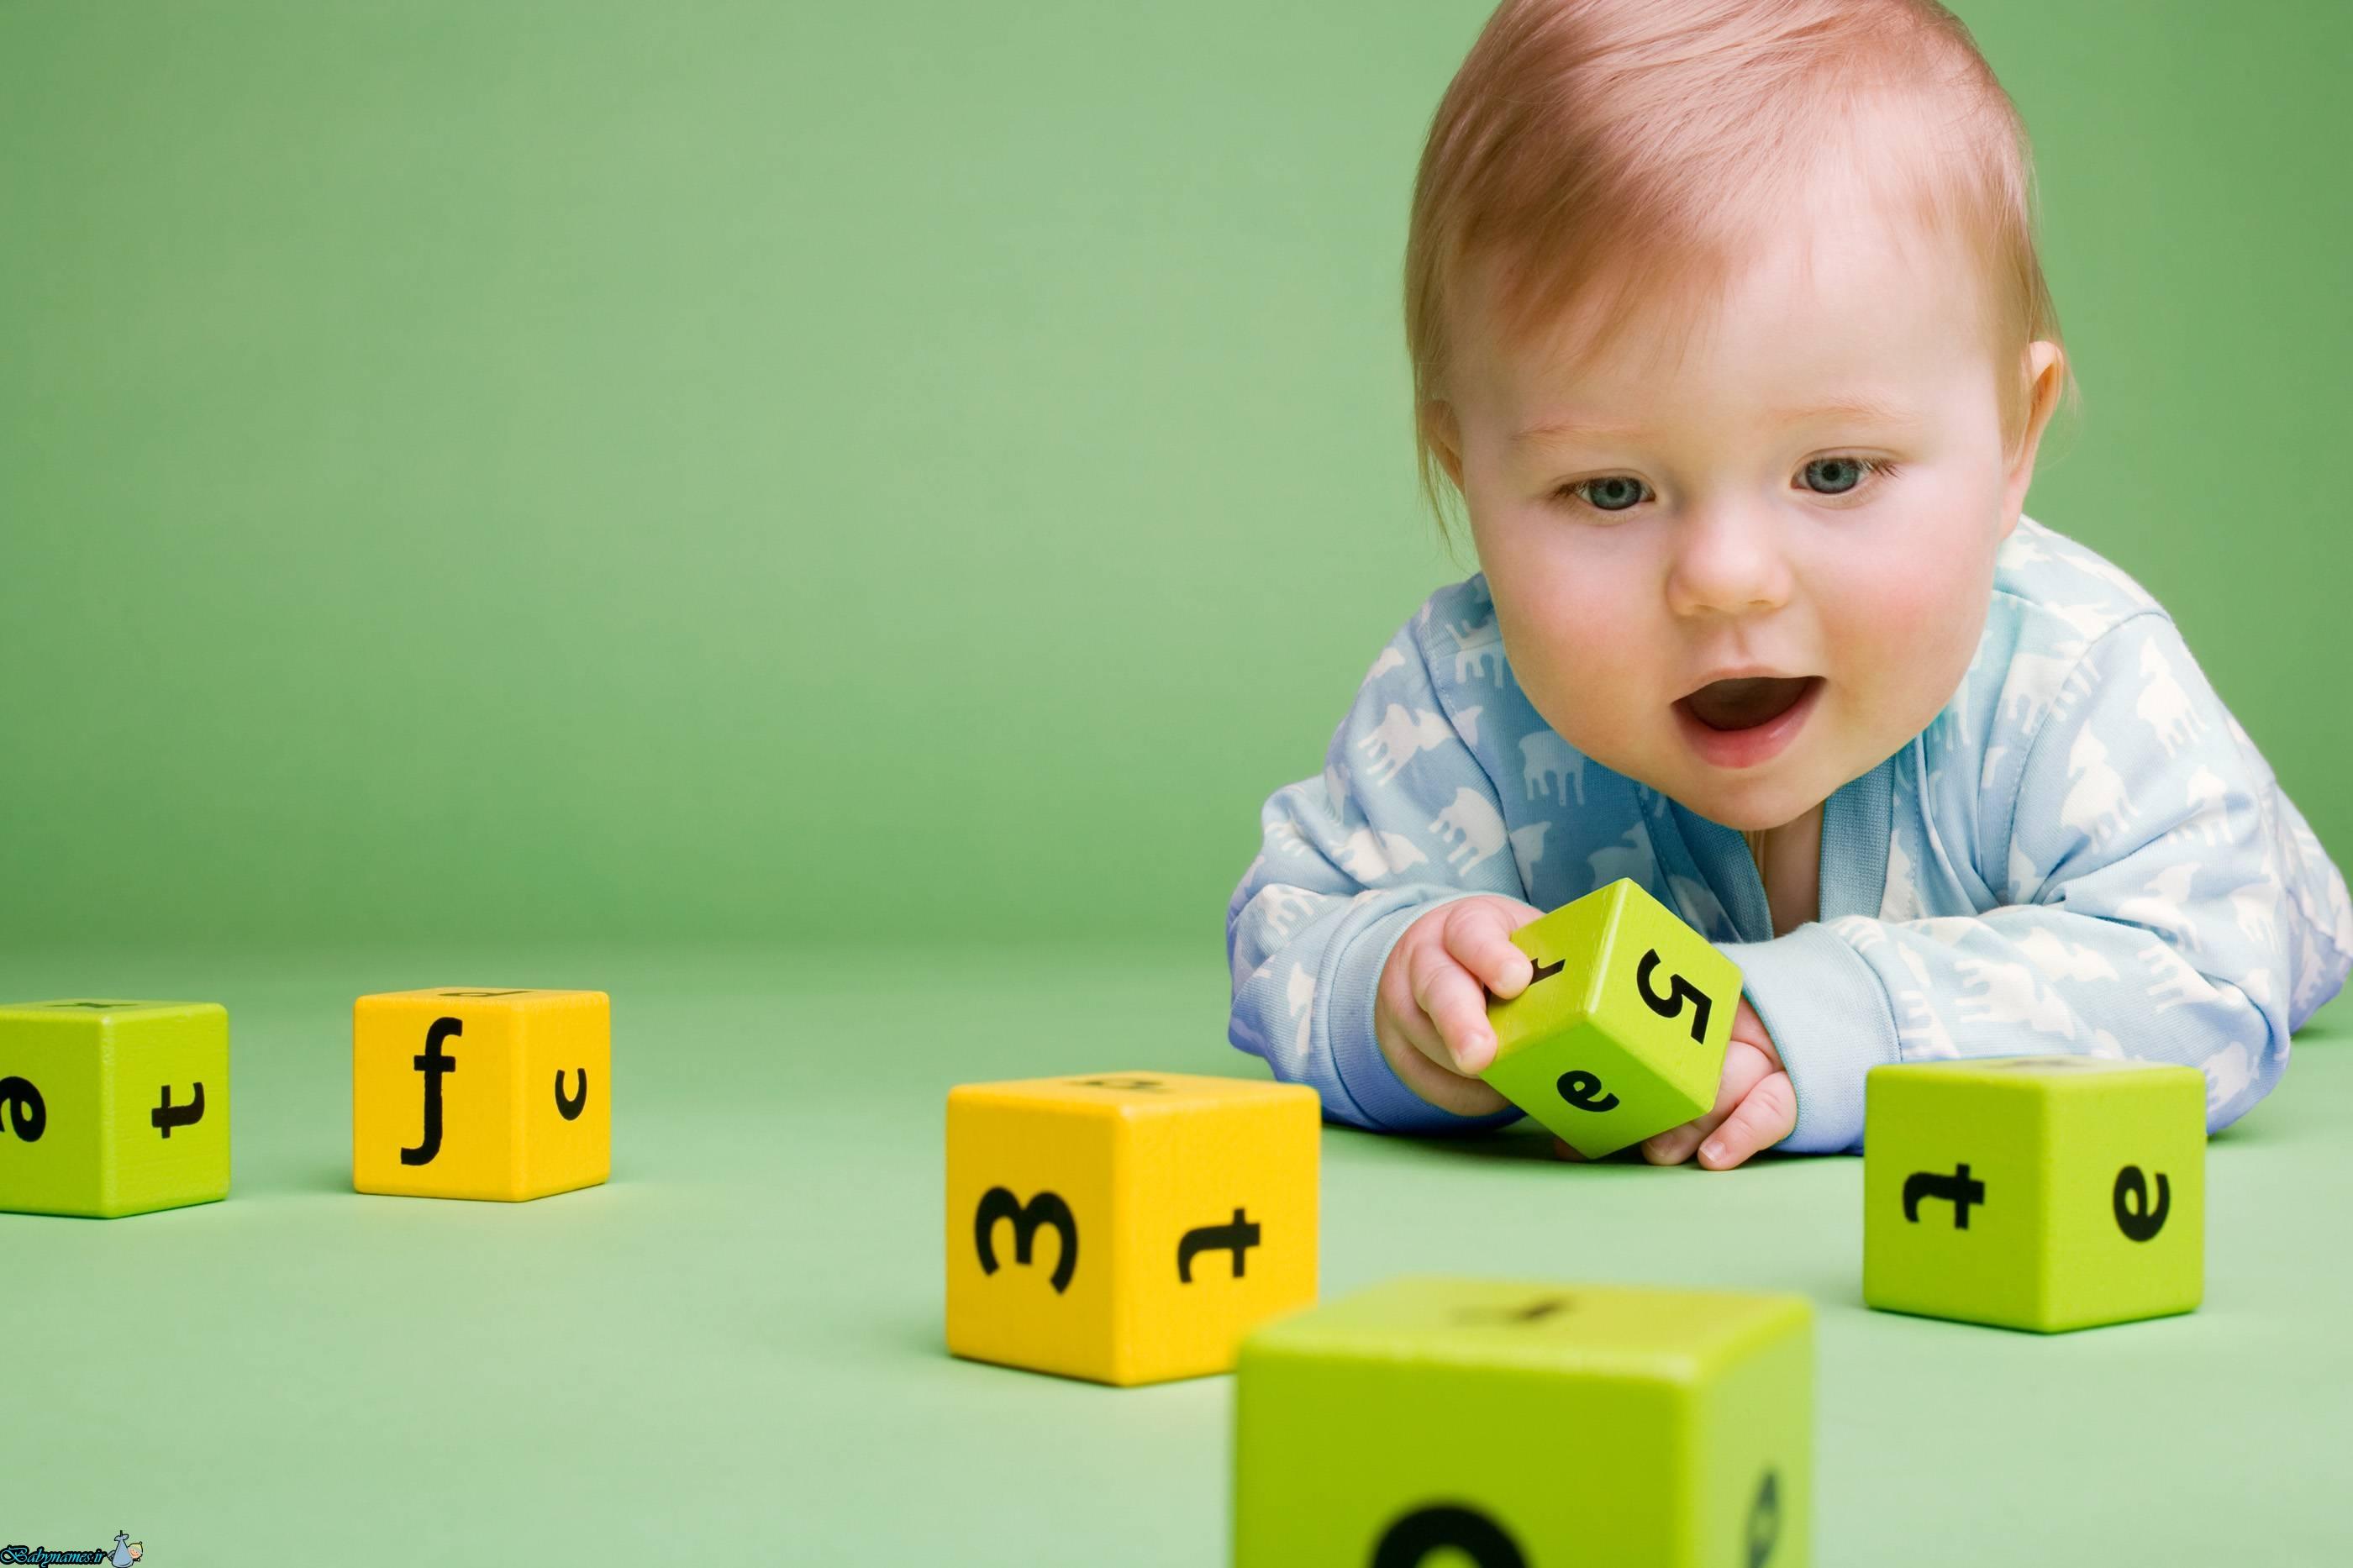 بررسی ضرورت داشتن فعالیت بدنی جهت حفظ سلامتی کودک